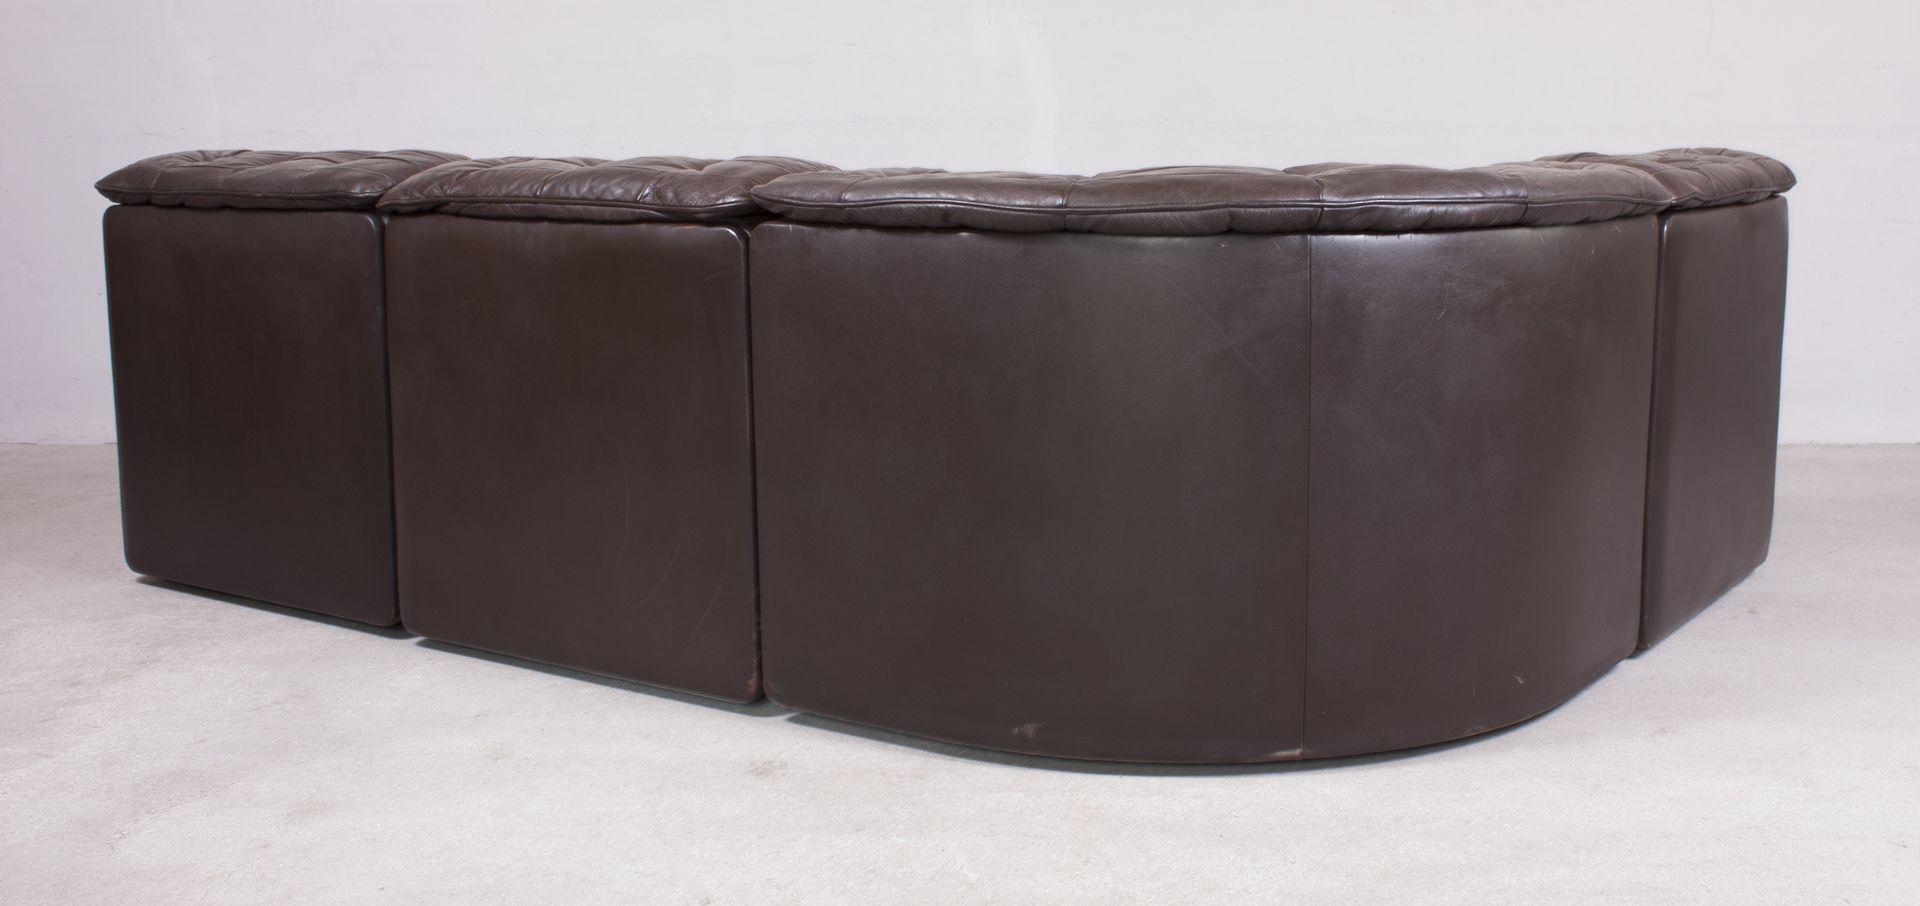 schweizer ds11 sofa und kissen von de sede 1970er 4er set bei pamono kaufen. Black Bedroom Furniture Sets. Home Design Ideas